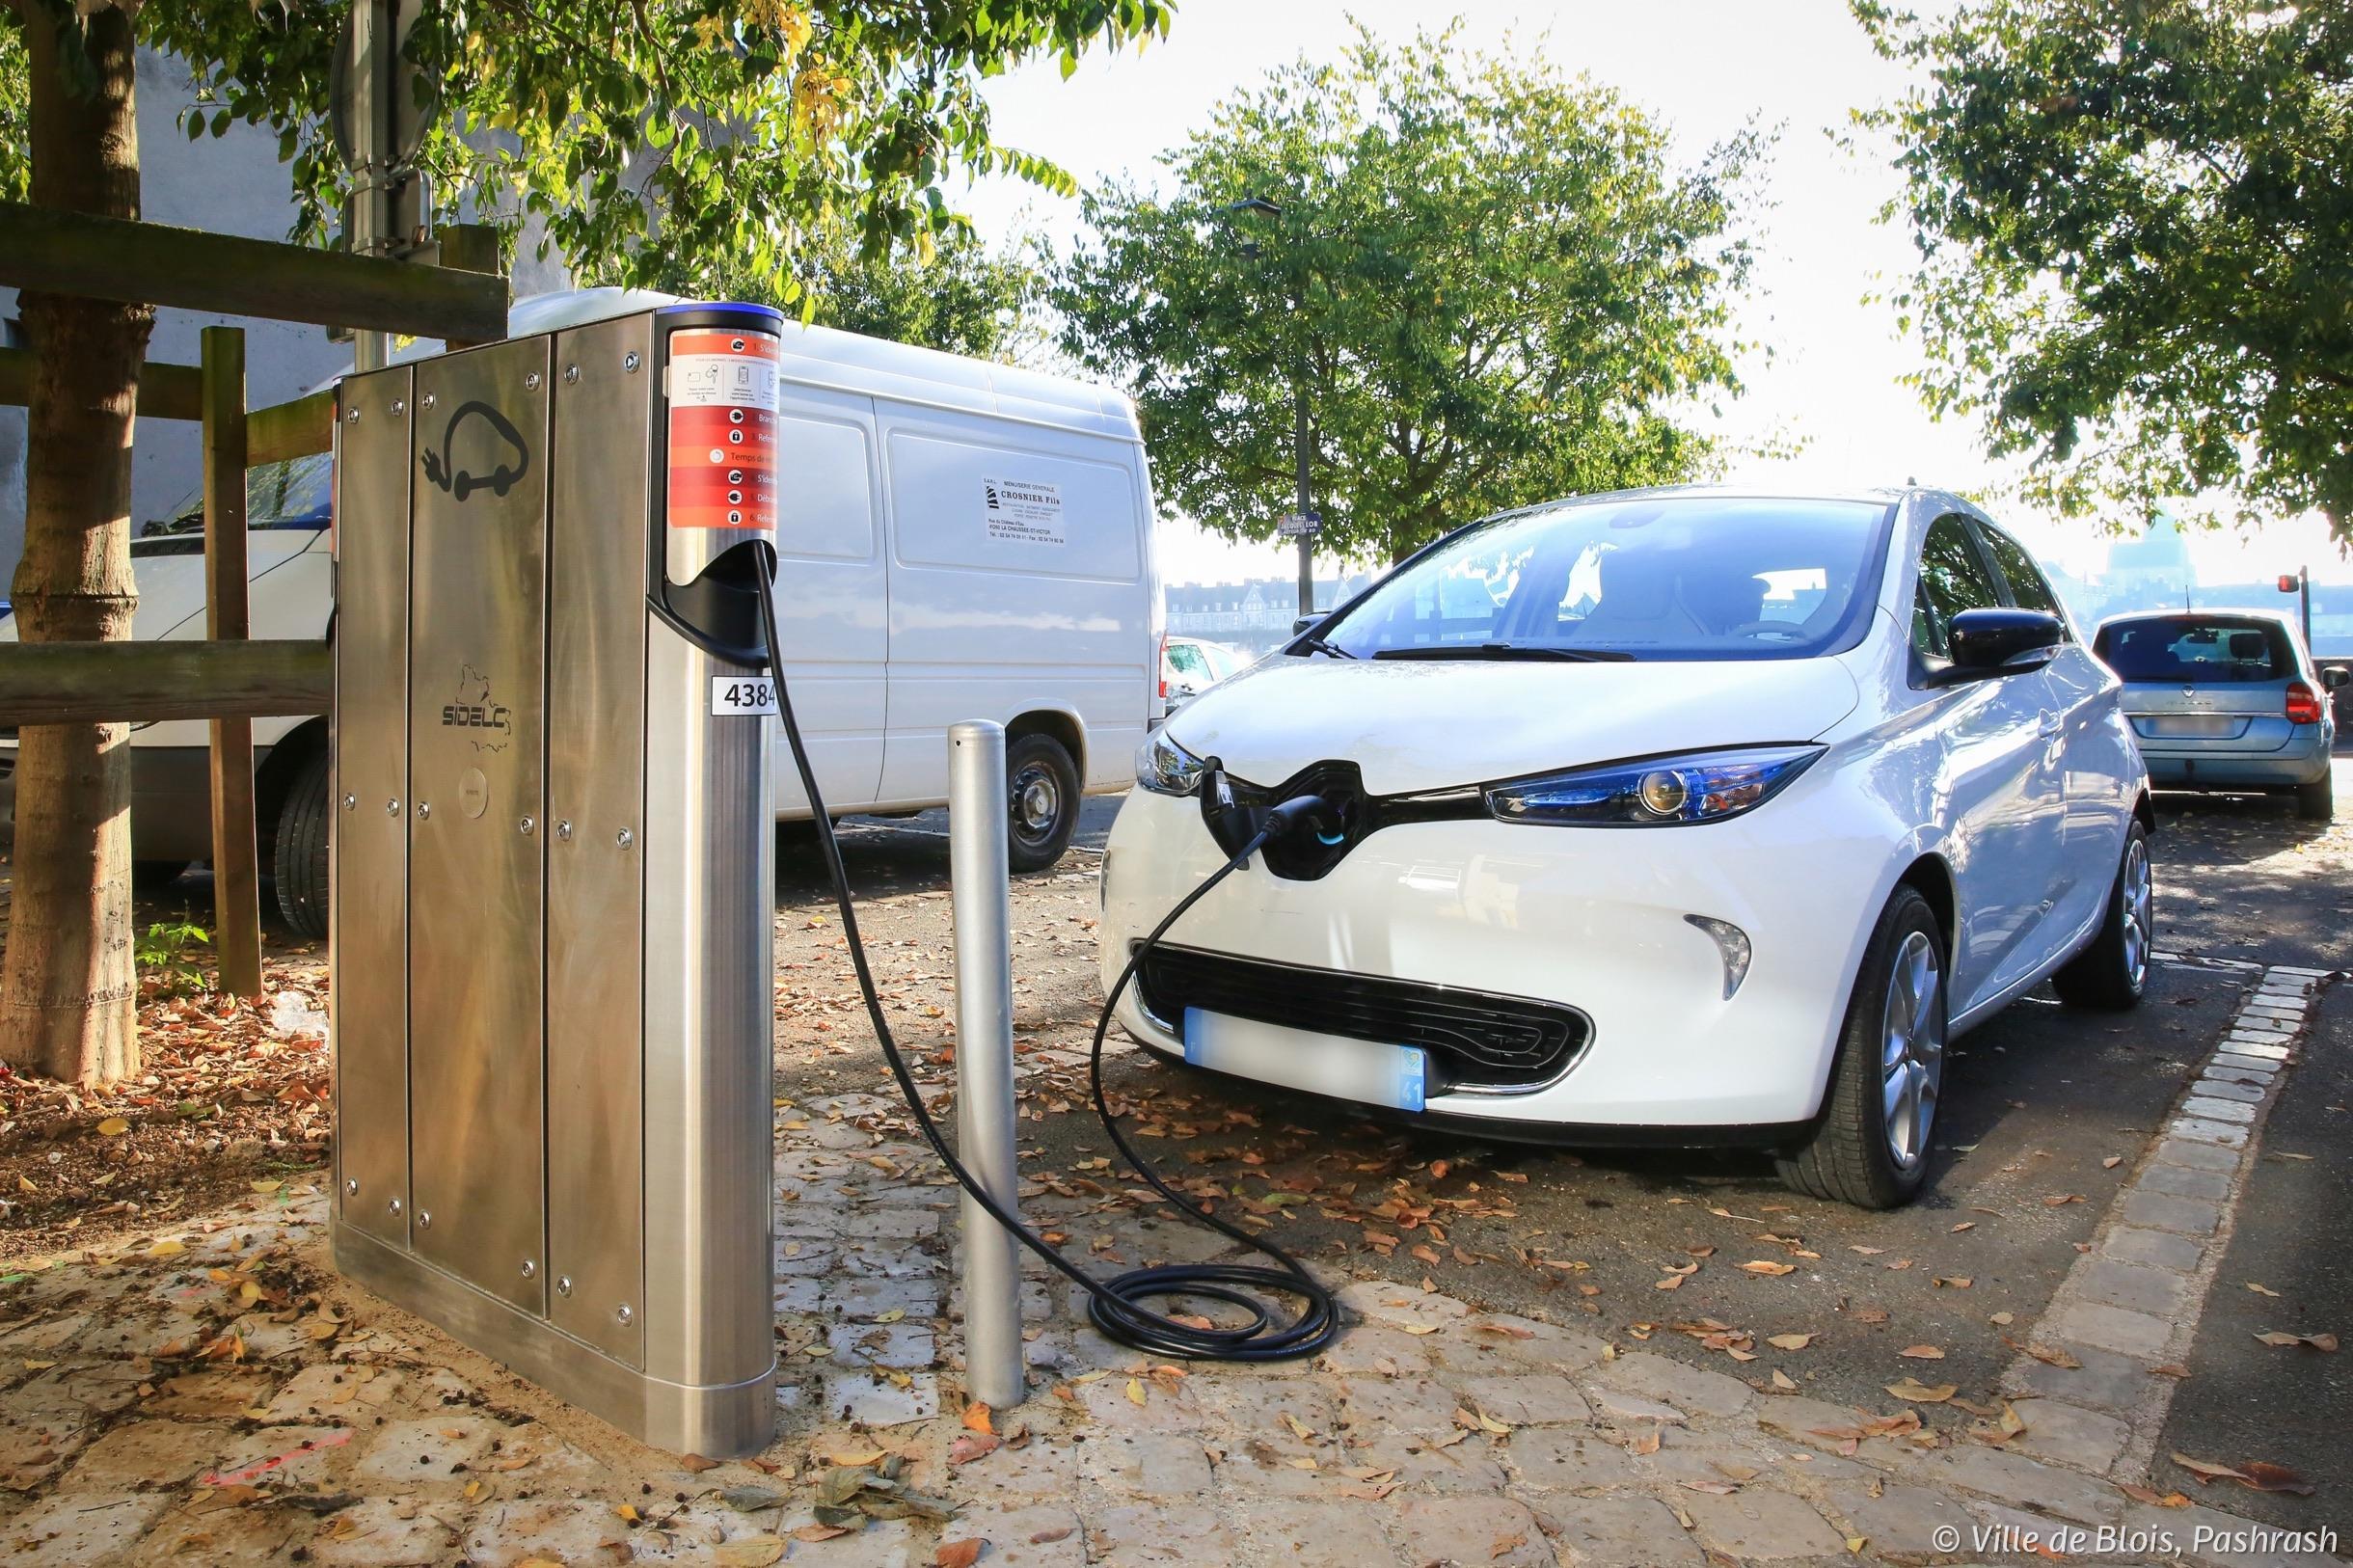 Une voiture en train d'être rechargée par une borne électrique.